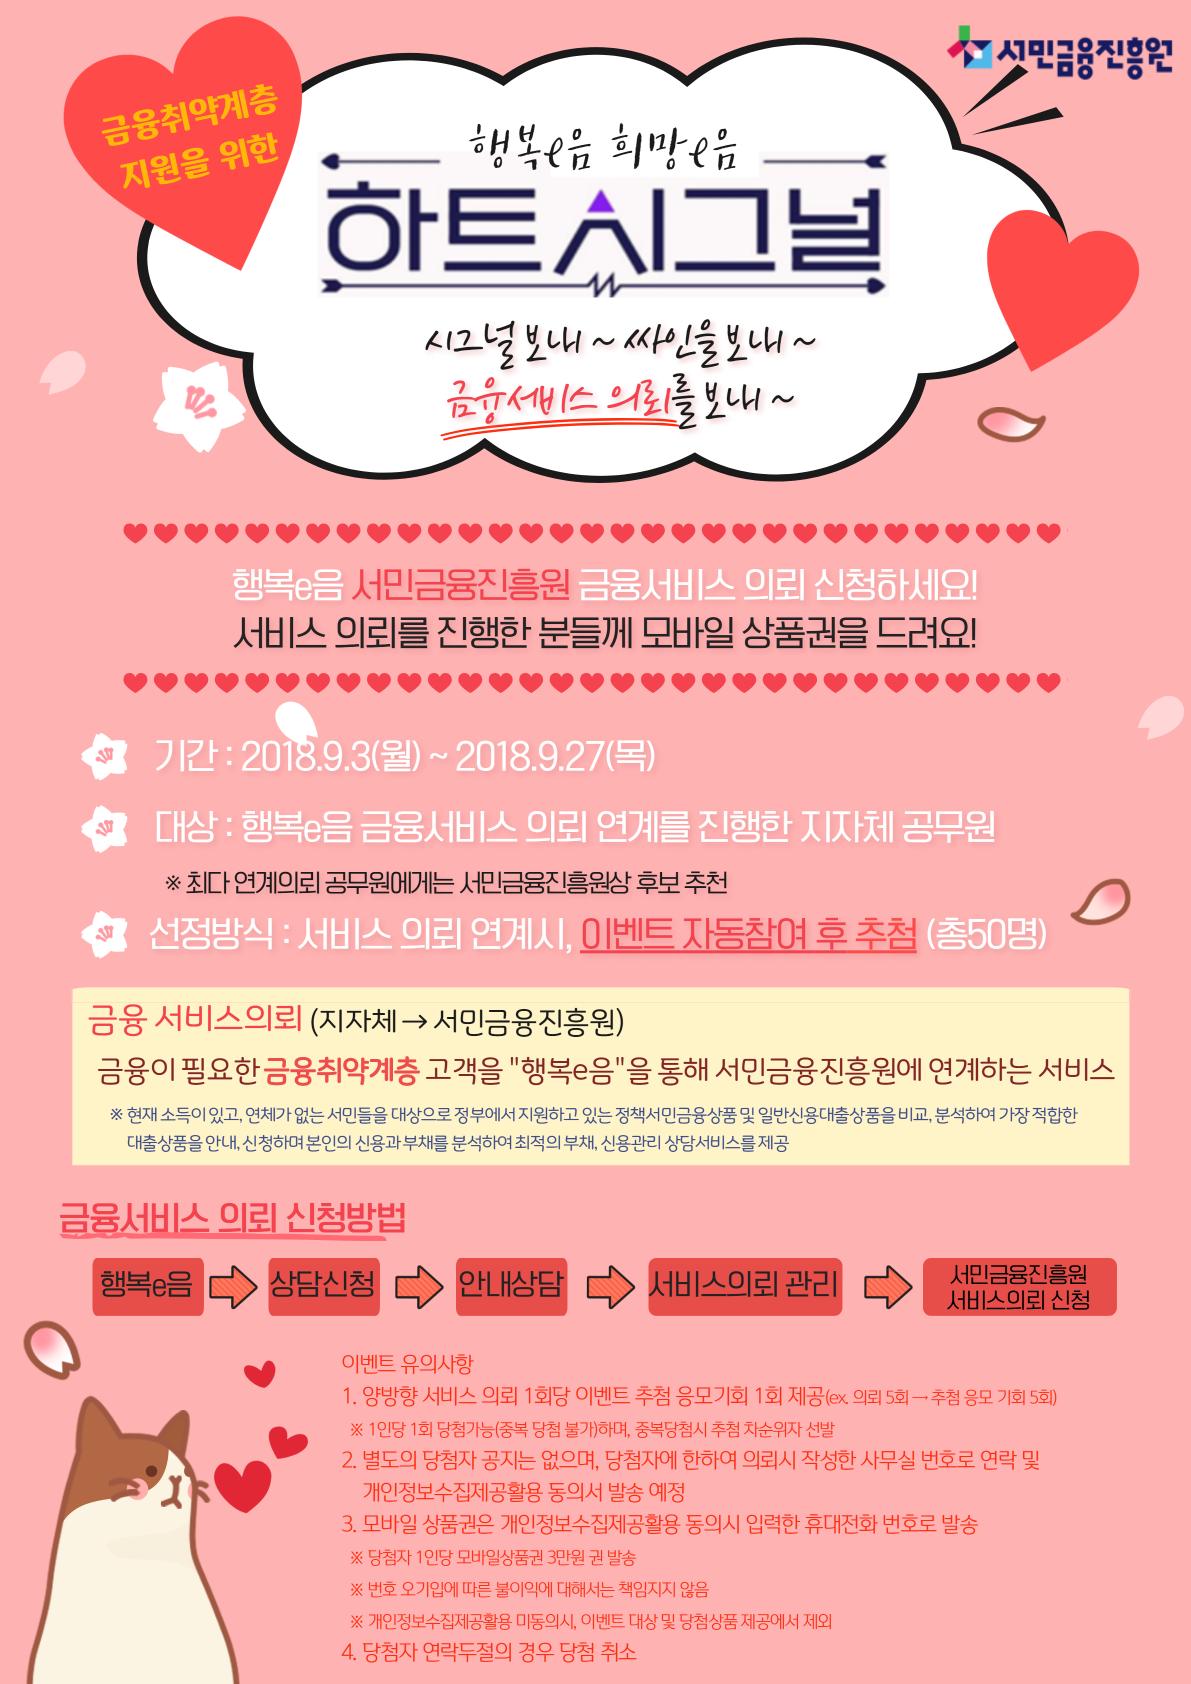 양방향 서비스 이벤트 포스터(완).png